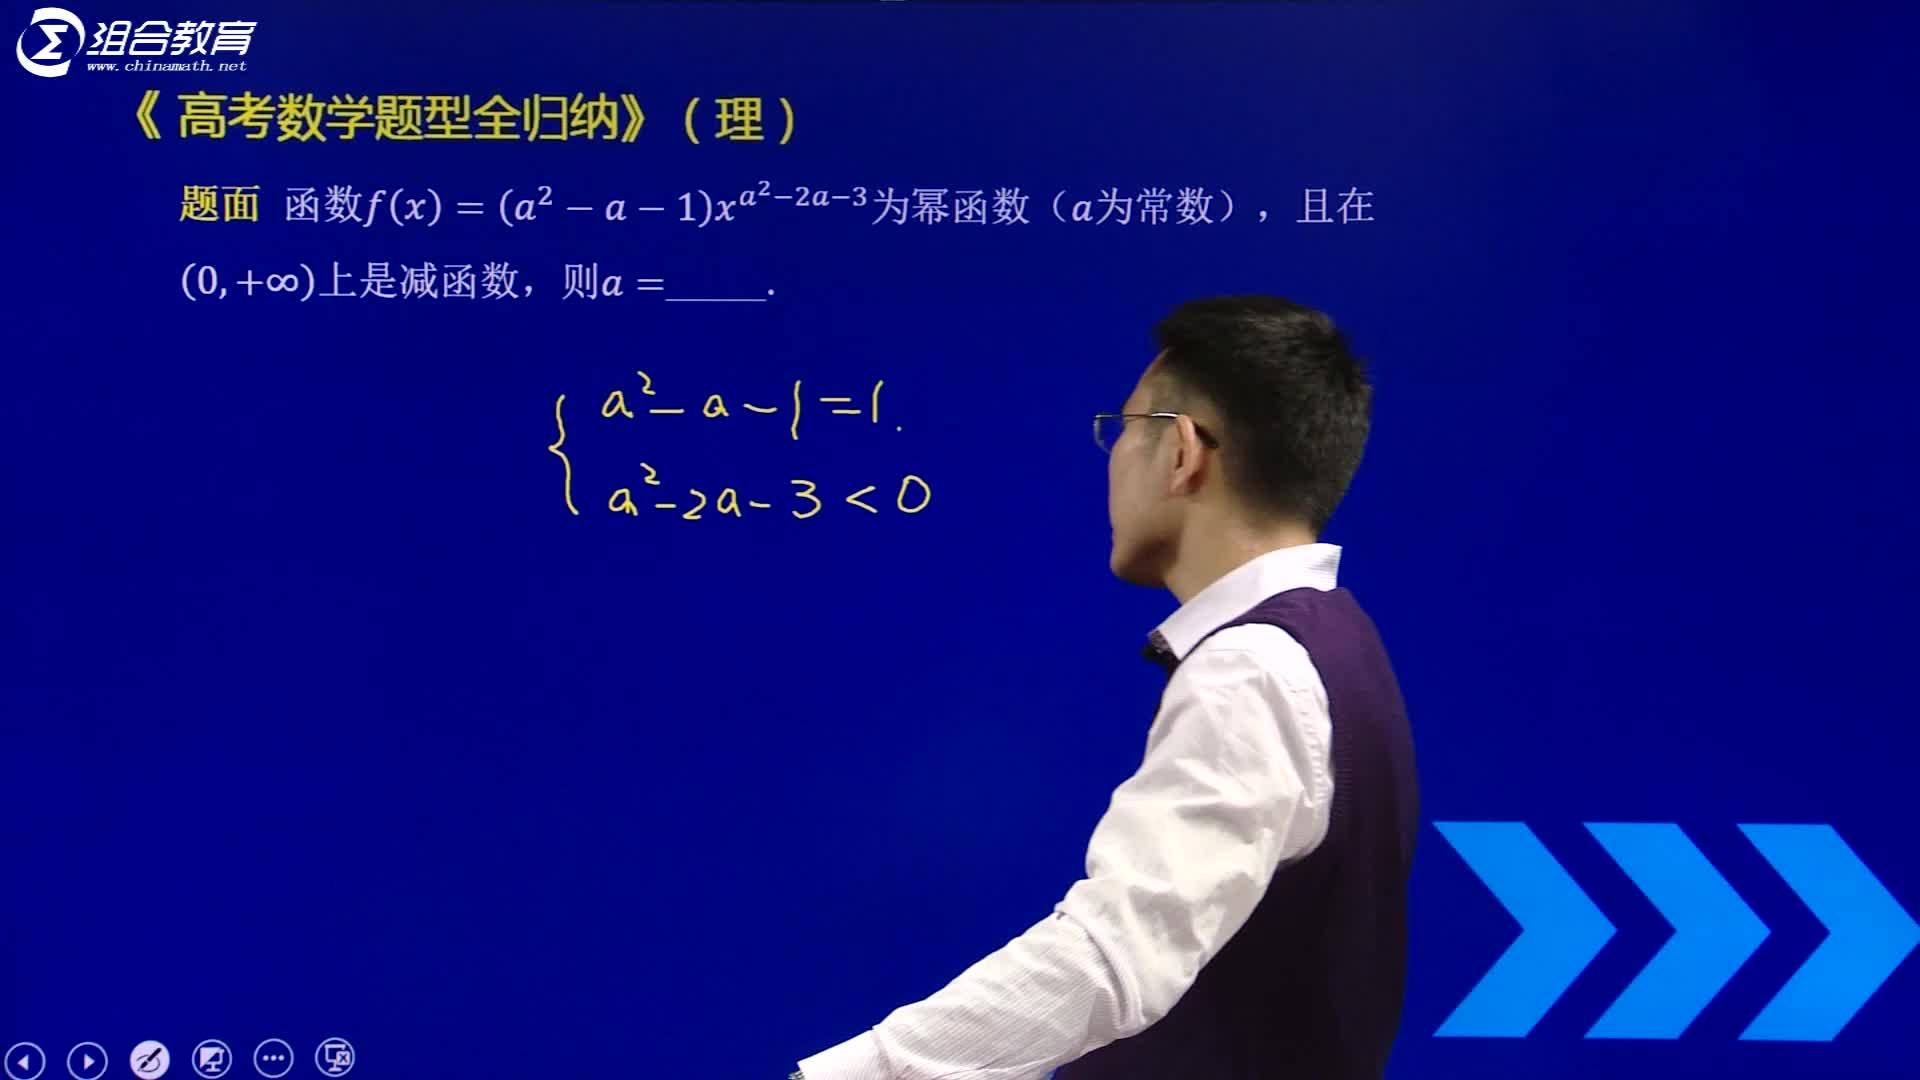 视频2.39 幂函数的图像与性质-【洞穿高考】2020版高考理科数学题型全归纳